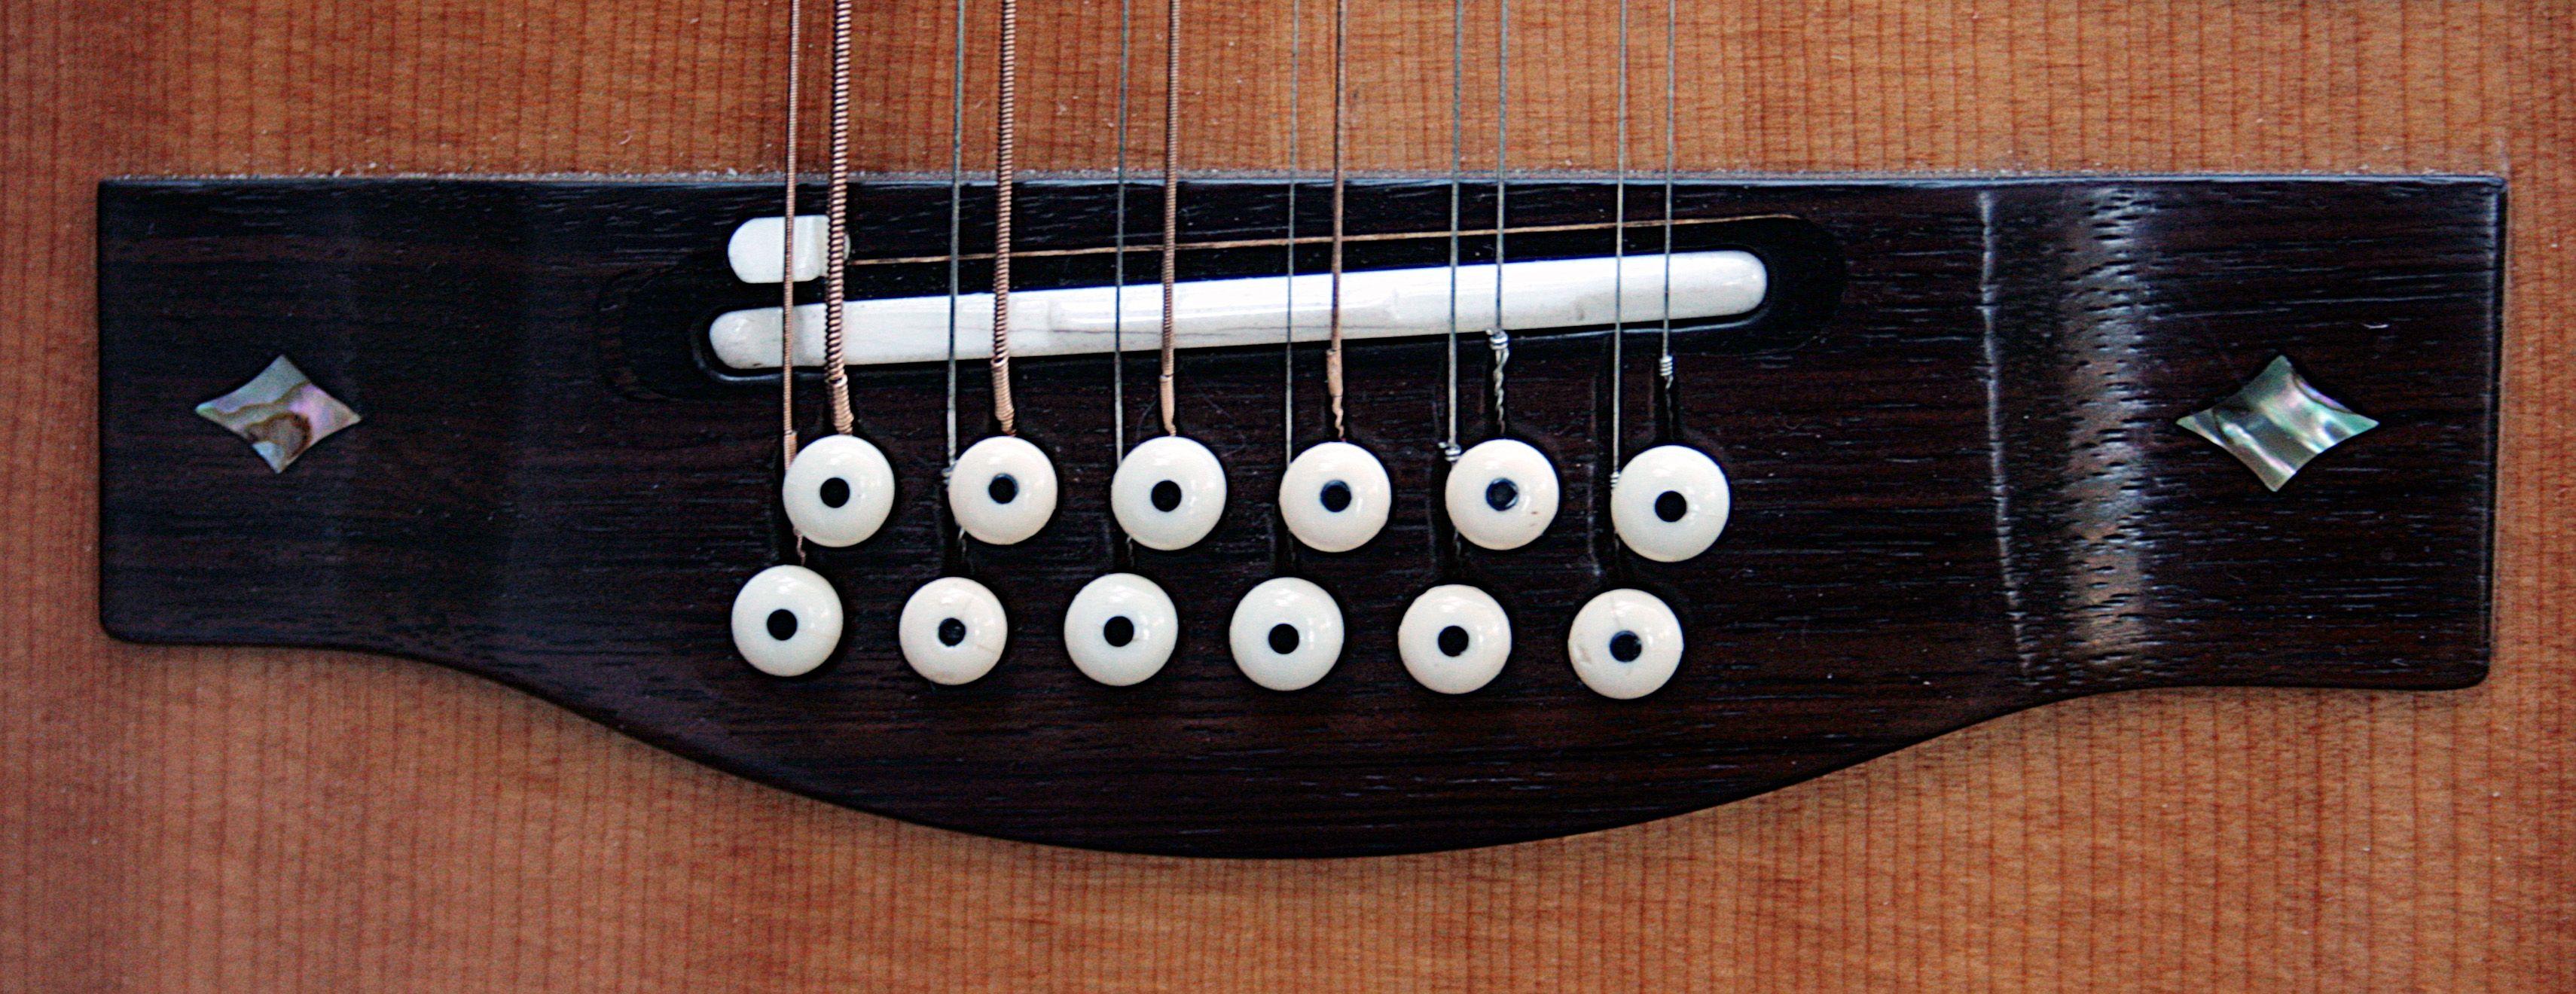 Takamine Split Saddles Cool Guitar Guitar Acoustic Guitar